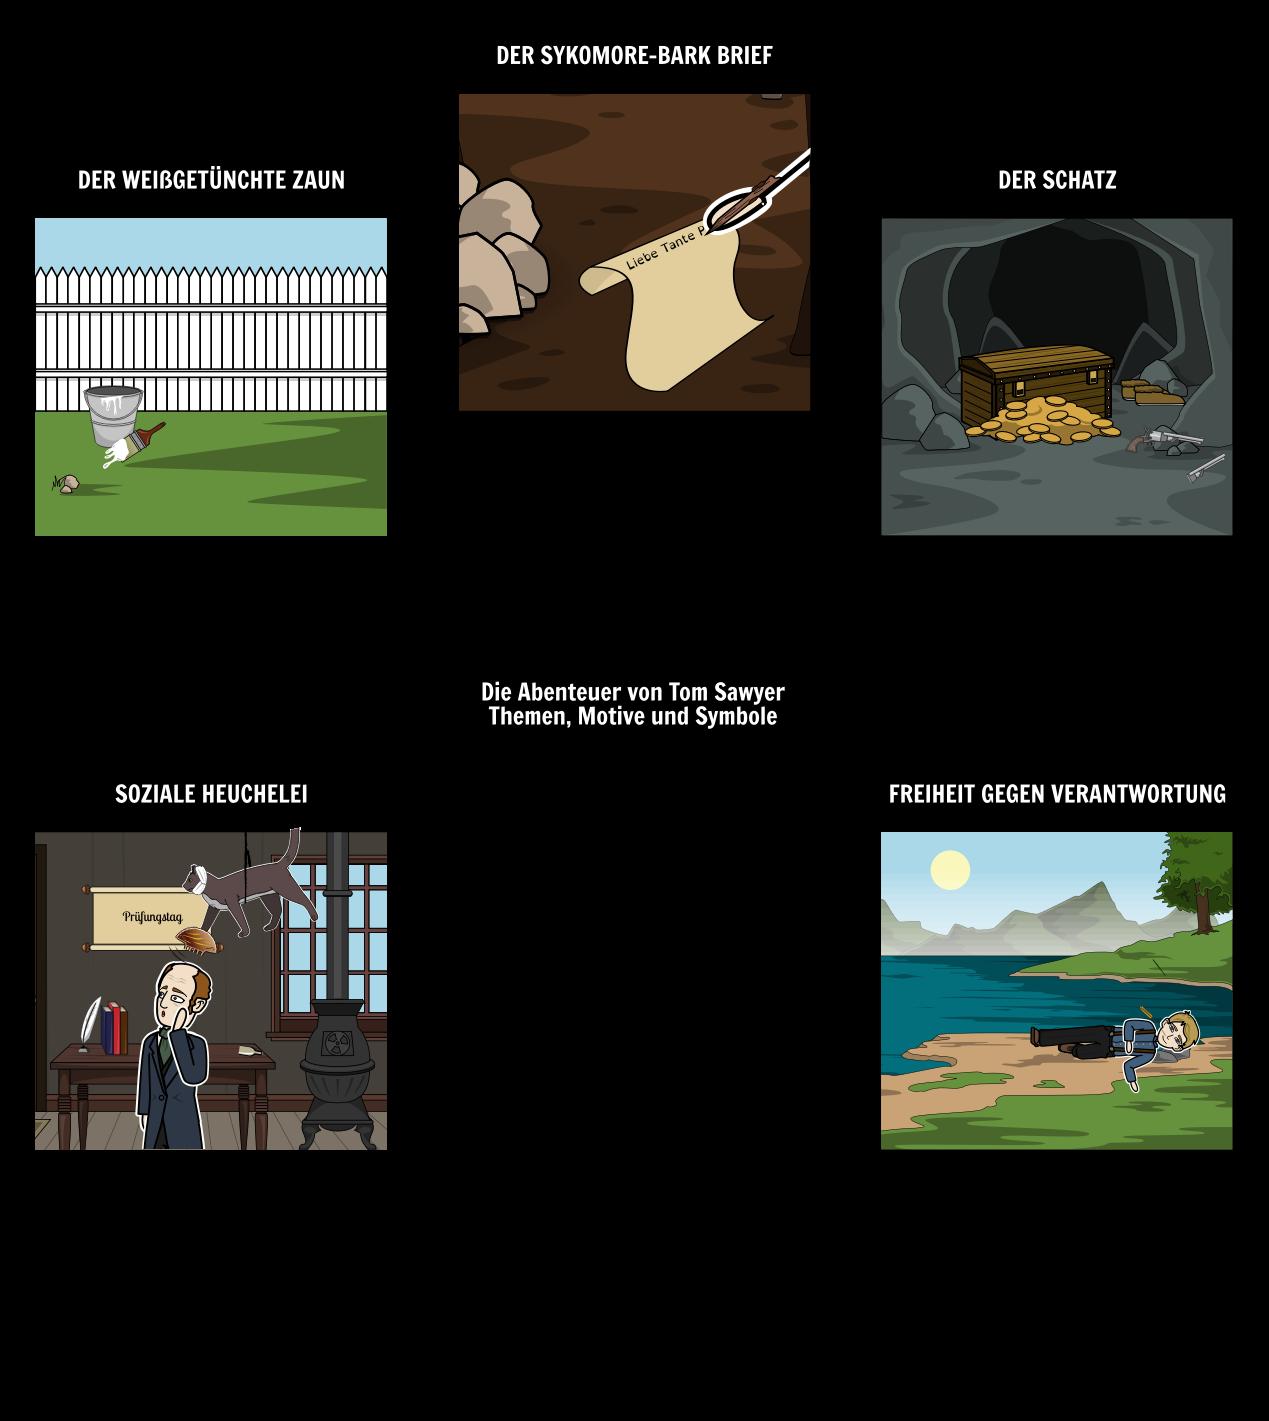 Die Abenteuer von Tom Sawyer Themen, Motive und Symbole